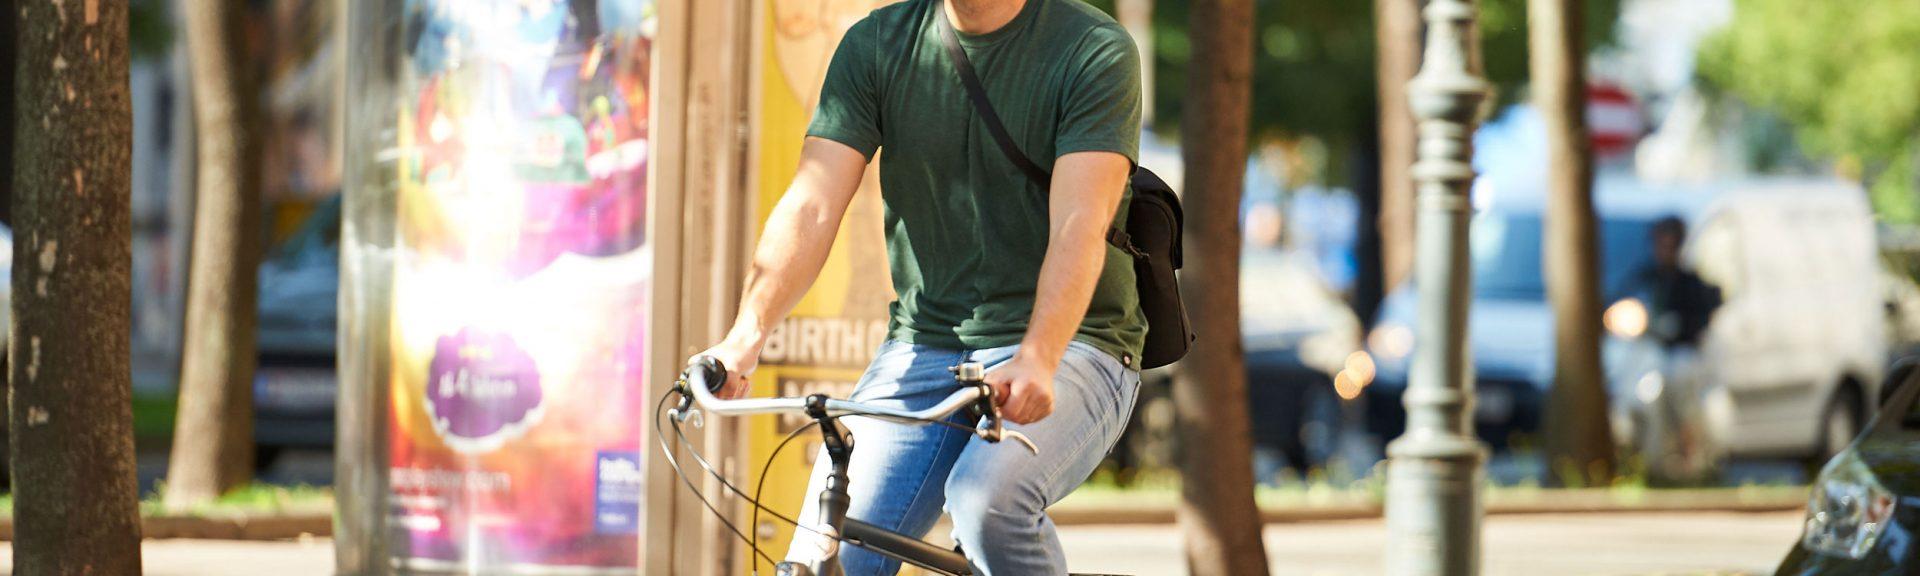 ARTUS Startup Gründer beim Fahrrad fahren